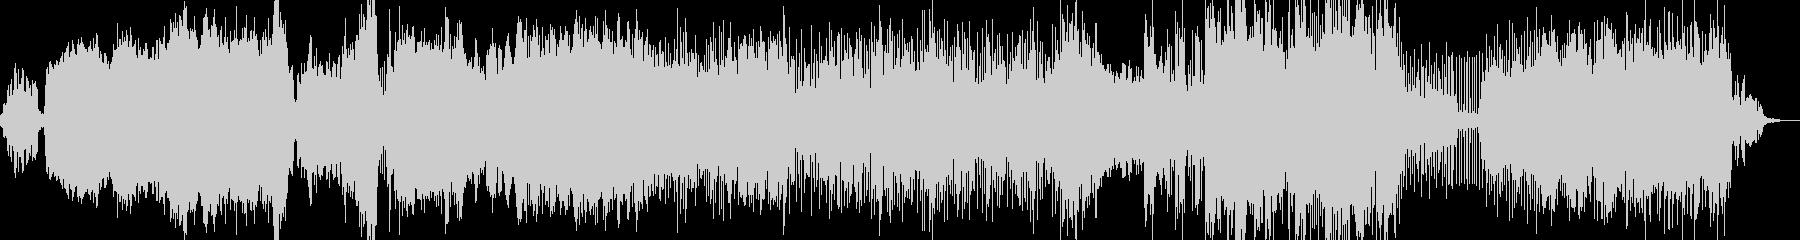 エスニック風の曲の未再生の波形